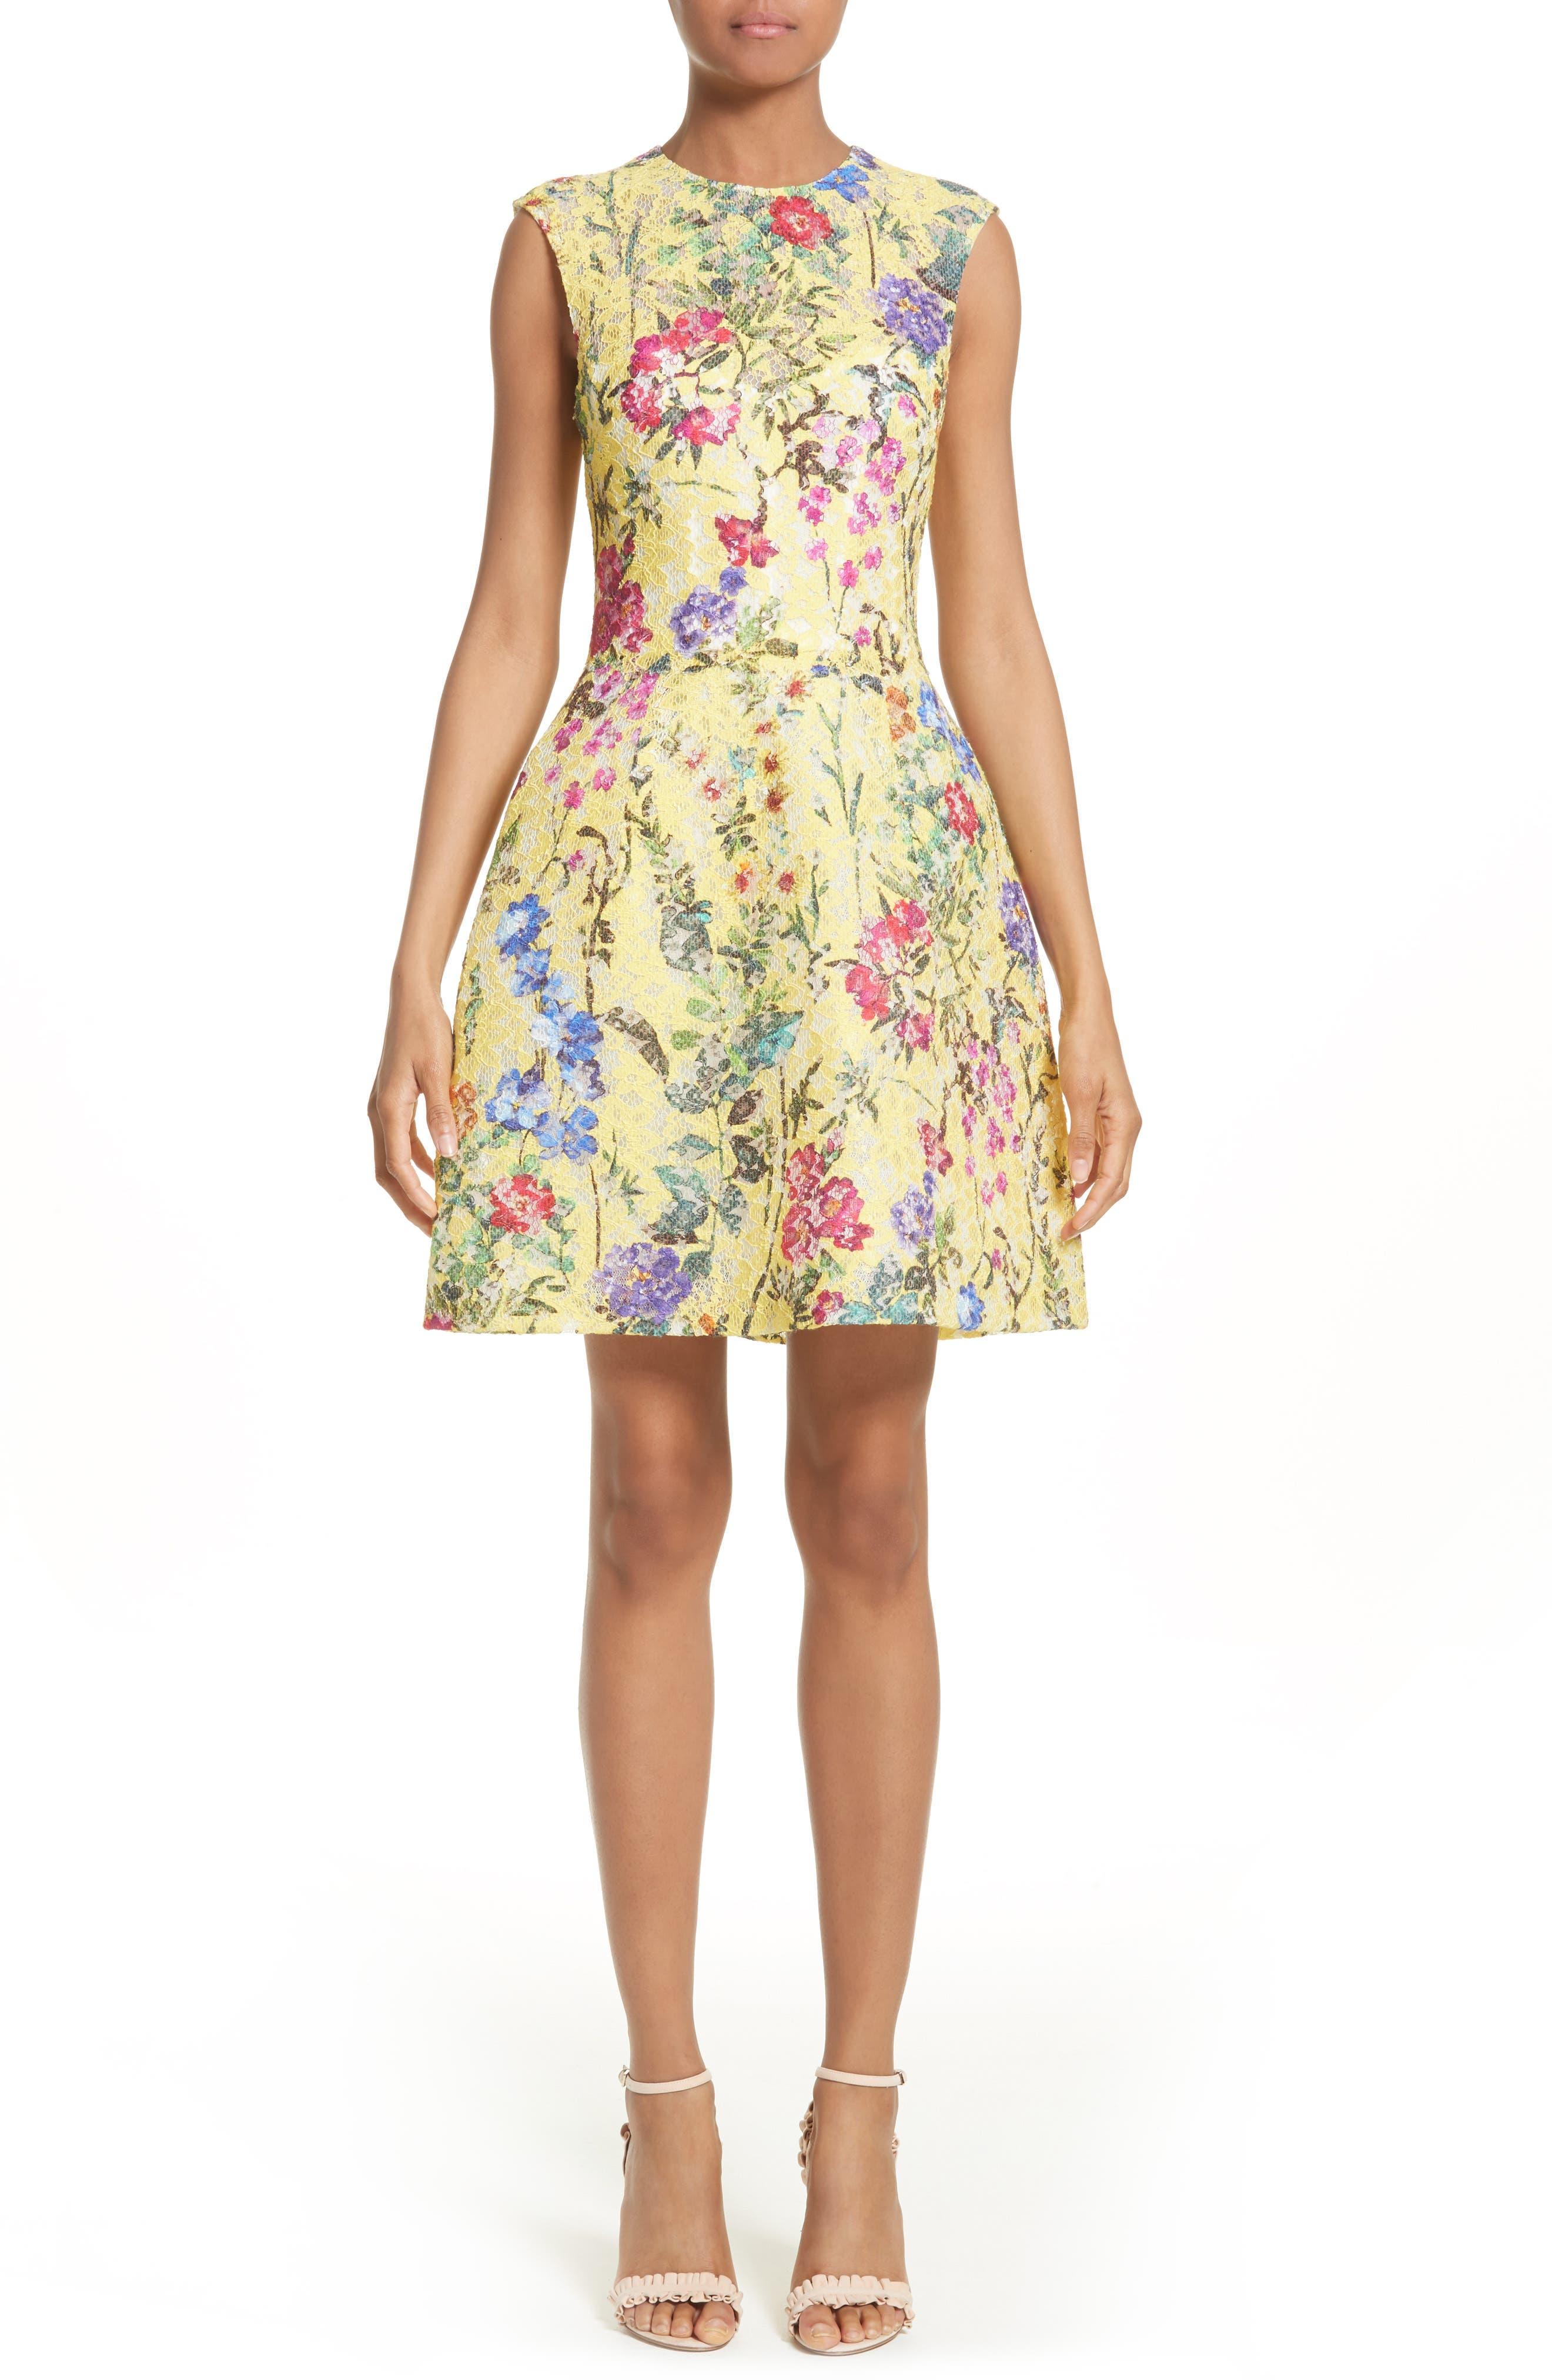 Alternate Image 1 Selected - Monique Lhuillier Garden Print Lace Fit & Flare Dress